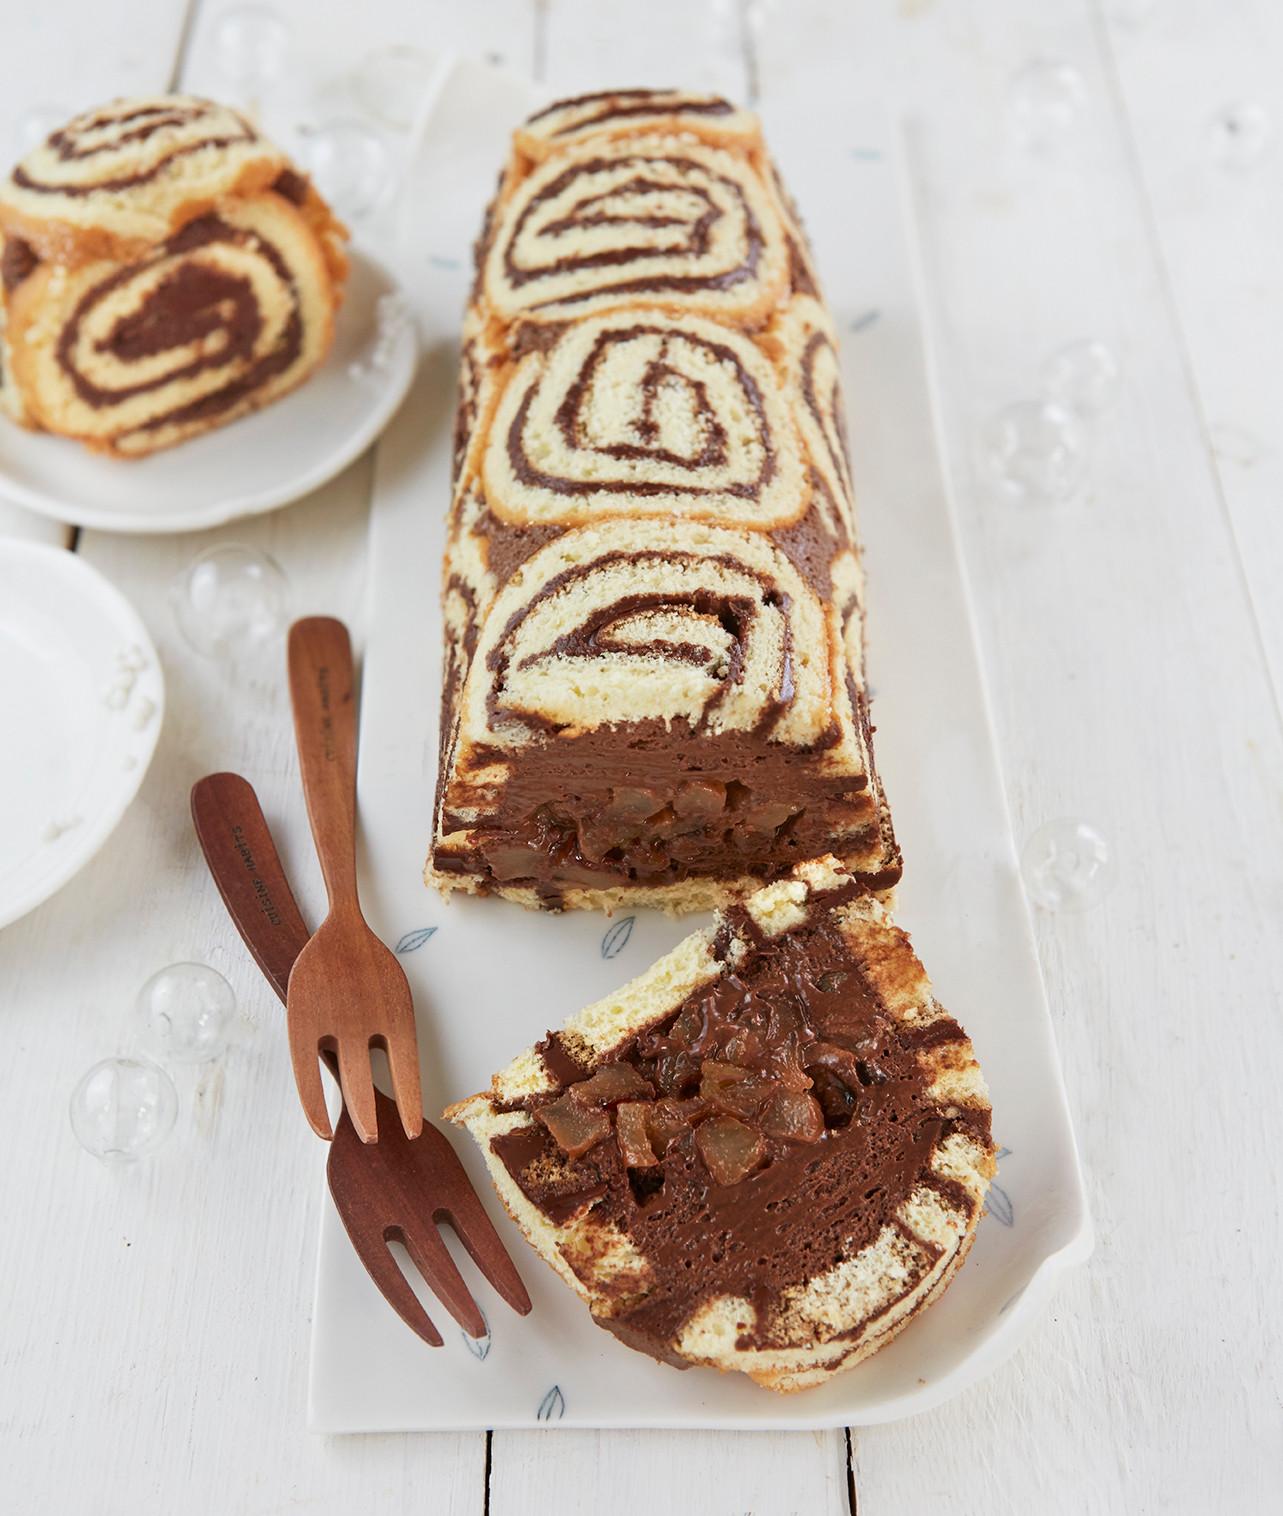 Bûches_et_galettes_royale_poire_chocolat